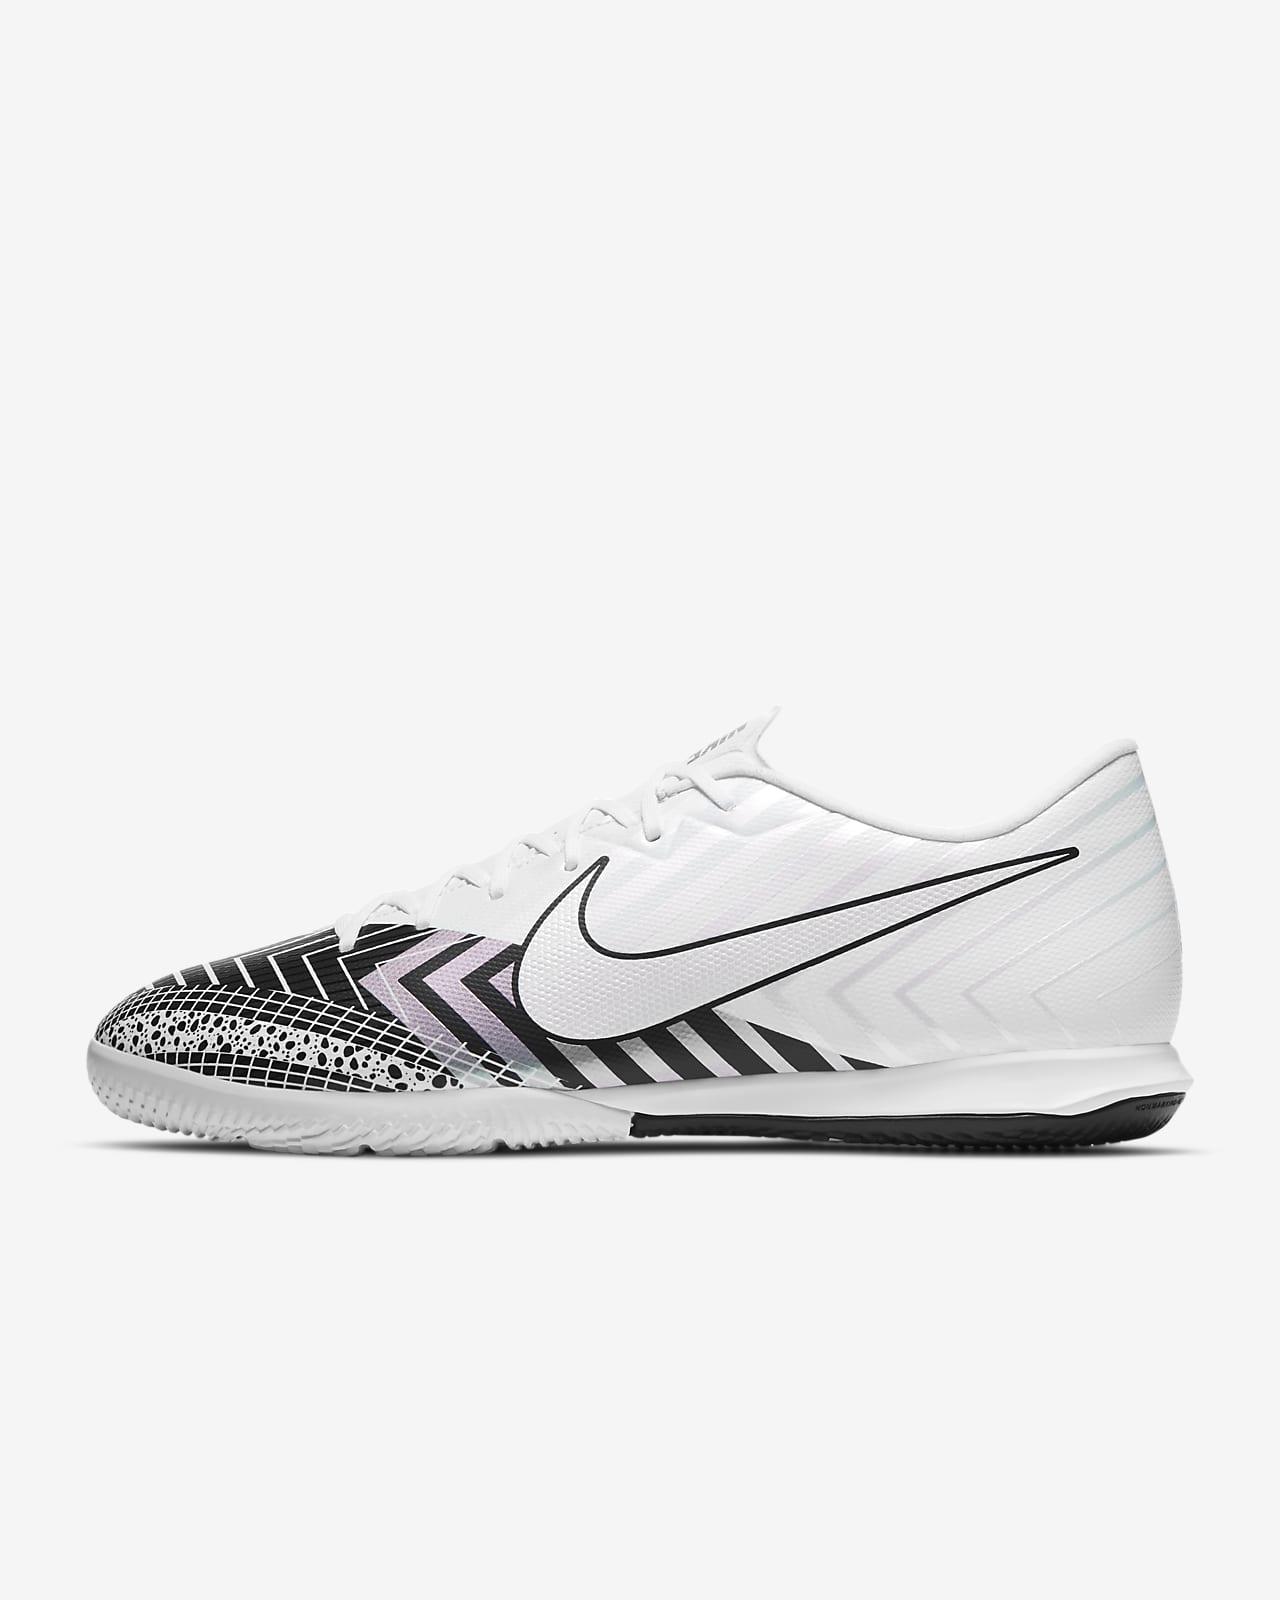 Nike Mercurial Vapor 13 Academy MDS IC Indoor/Court Soccer Shoe